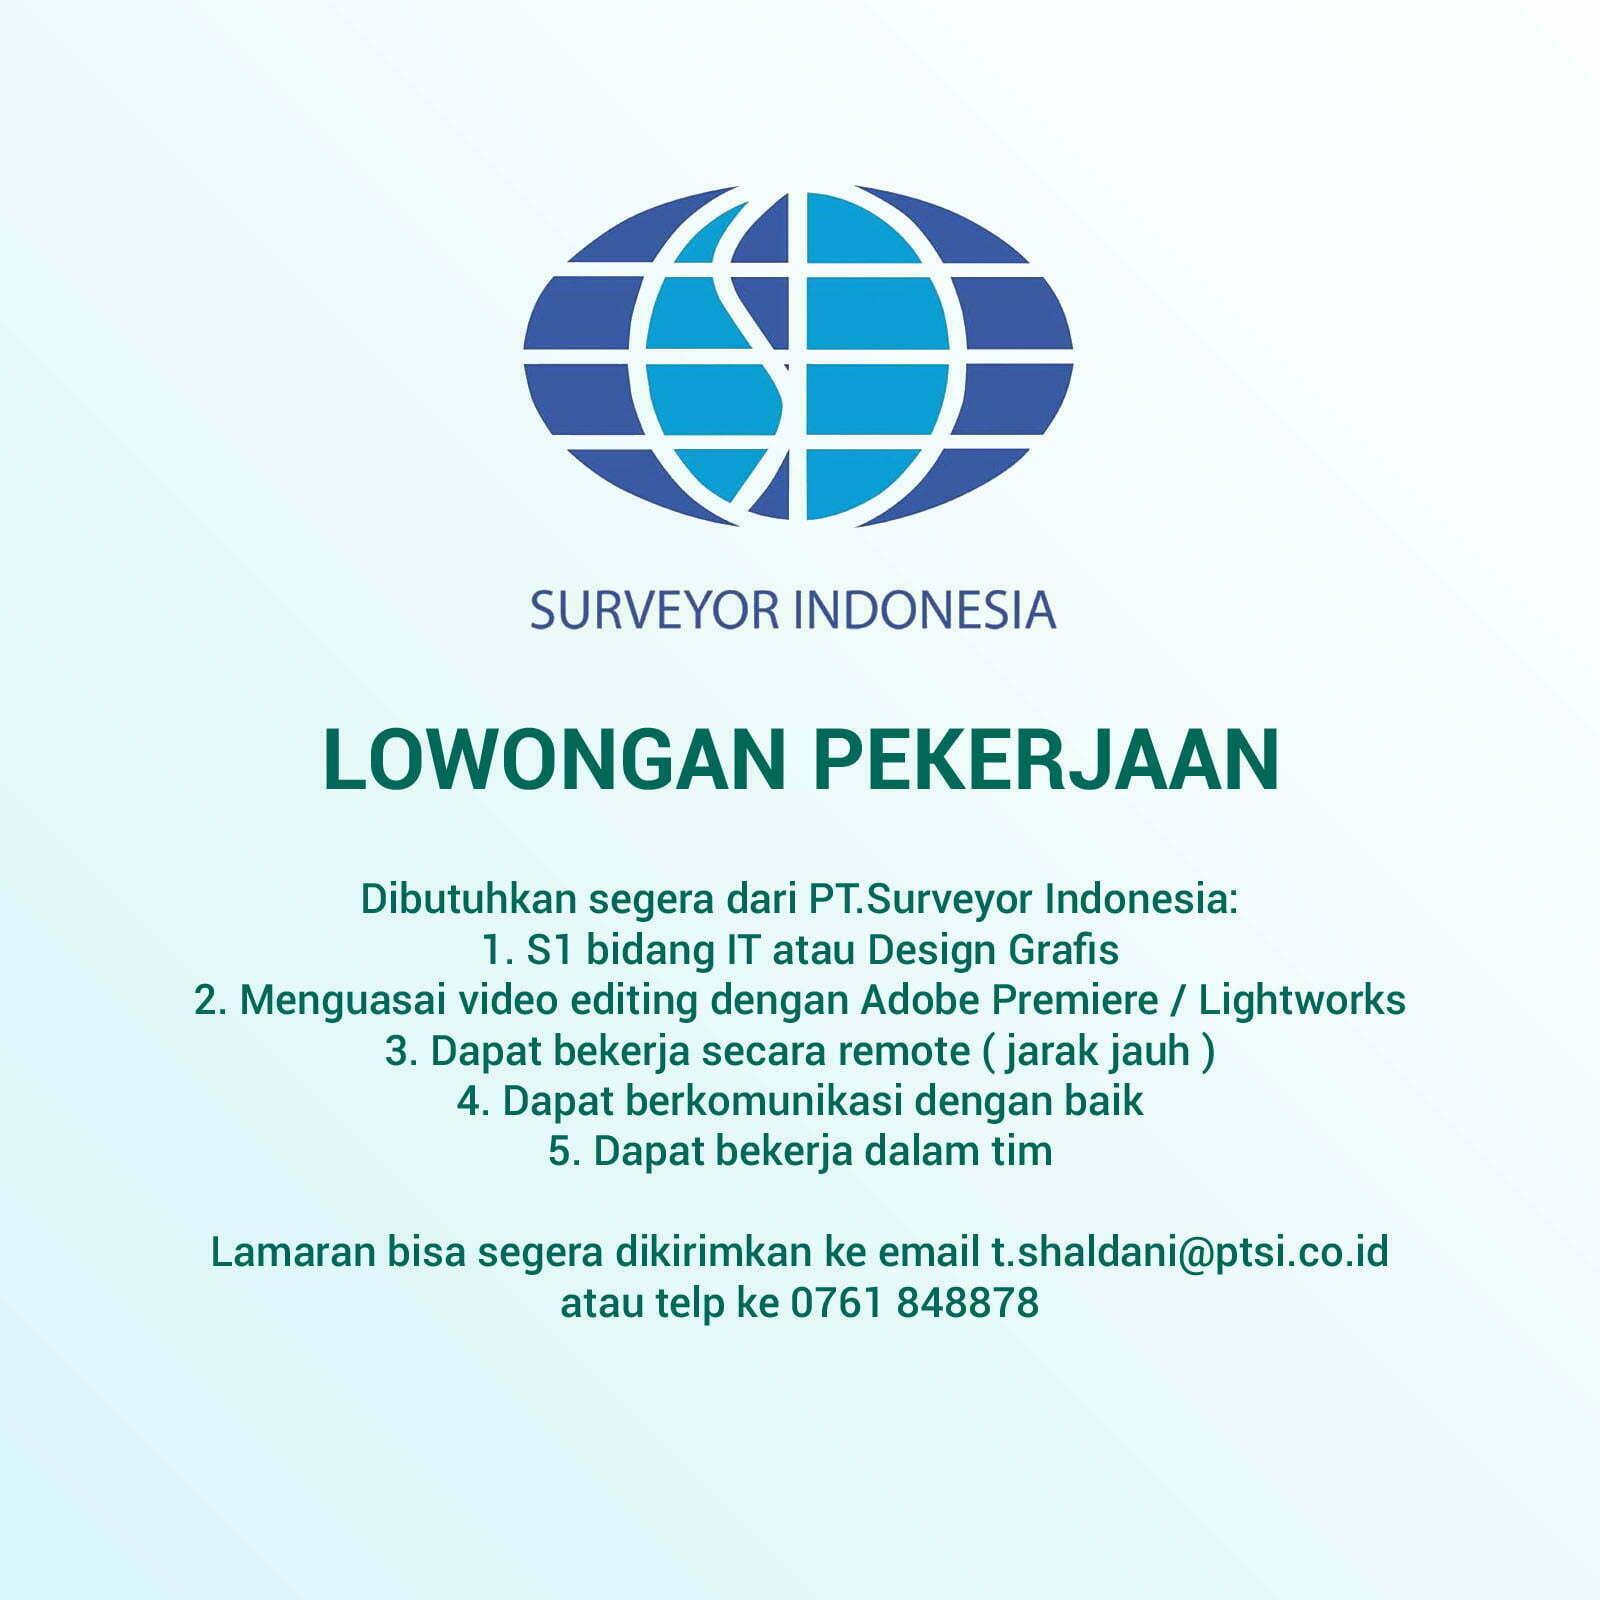 Lowongan Pekerjaan Pt Surveyor Indonesia Fakultas Sains Dan Teknologi